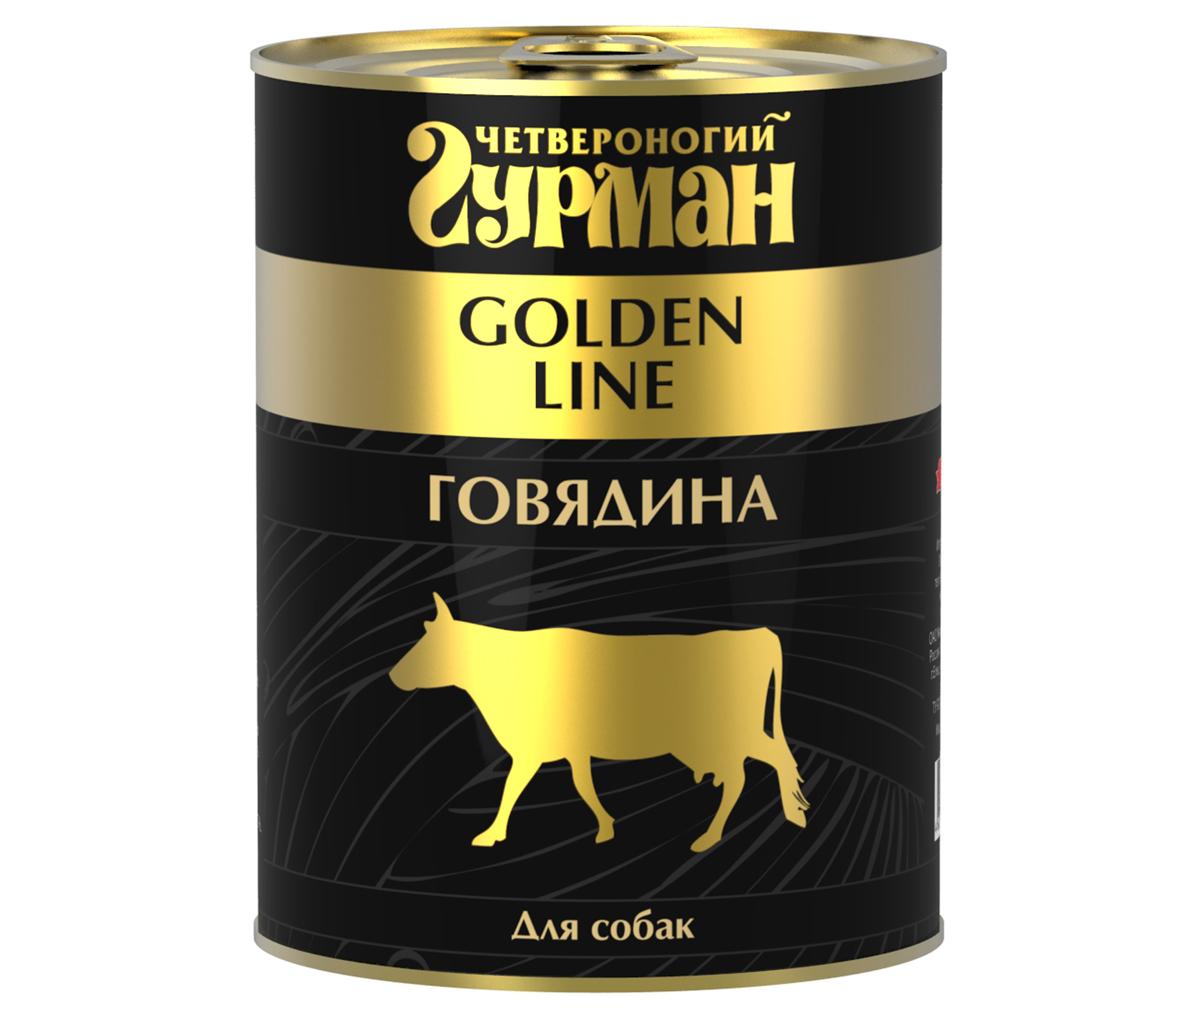 Консервы для собак Четвероногий Гурман, с говядиной, 340 г купить болгарские консервы в москве